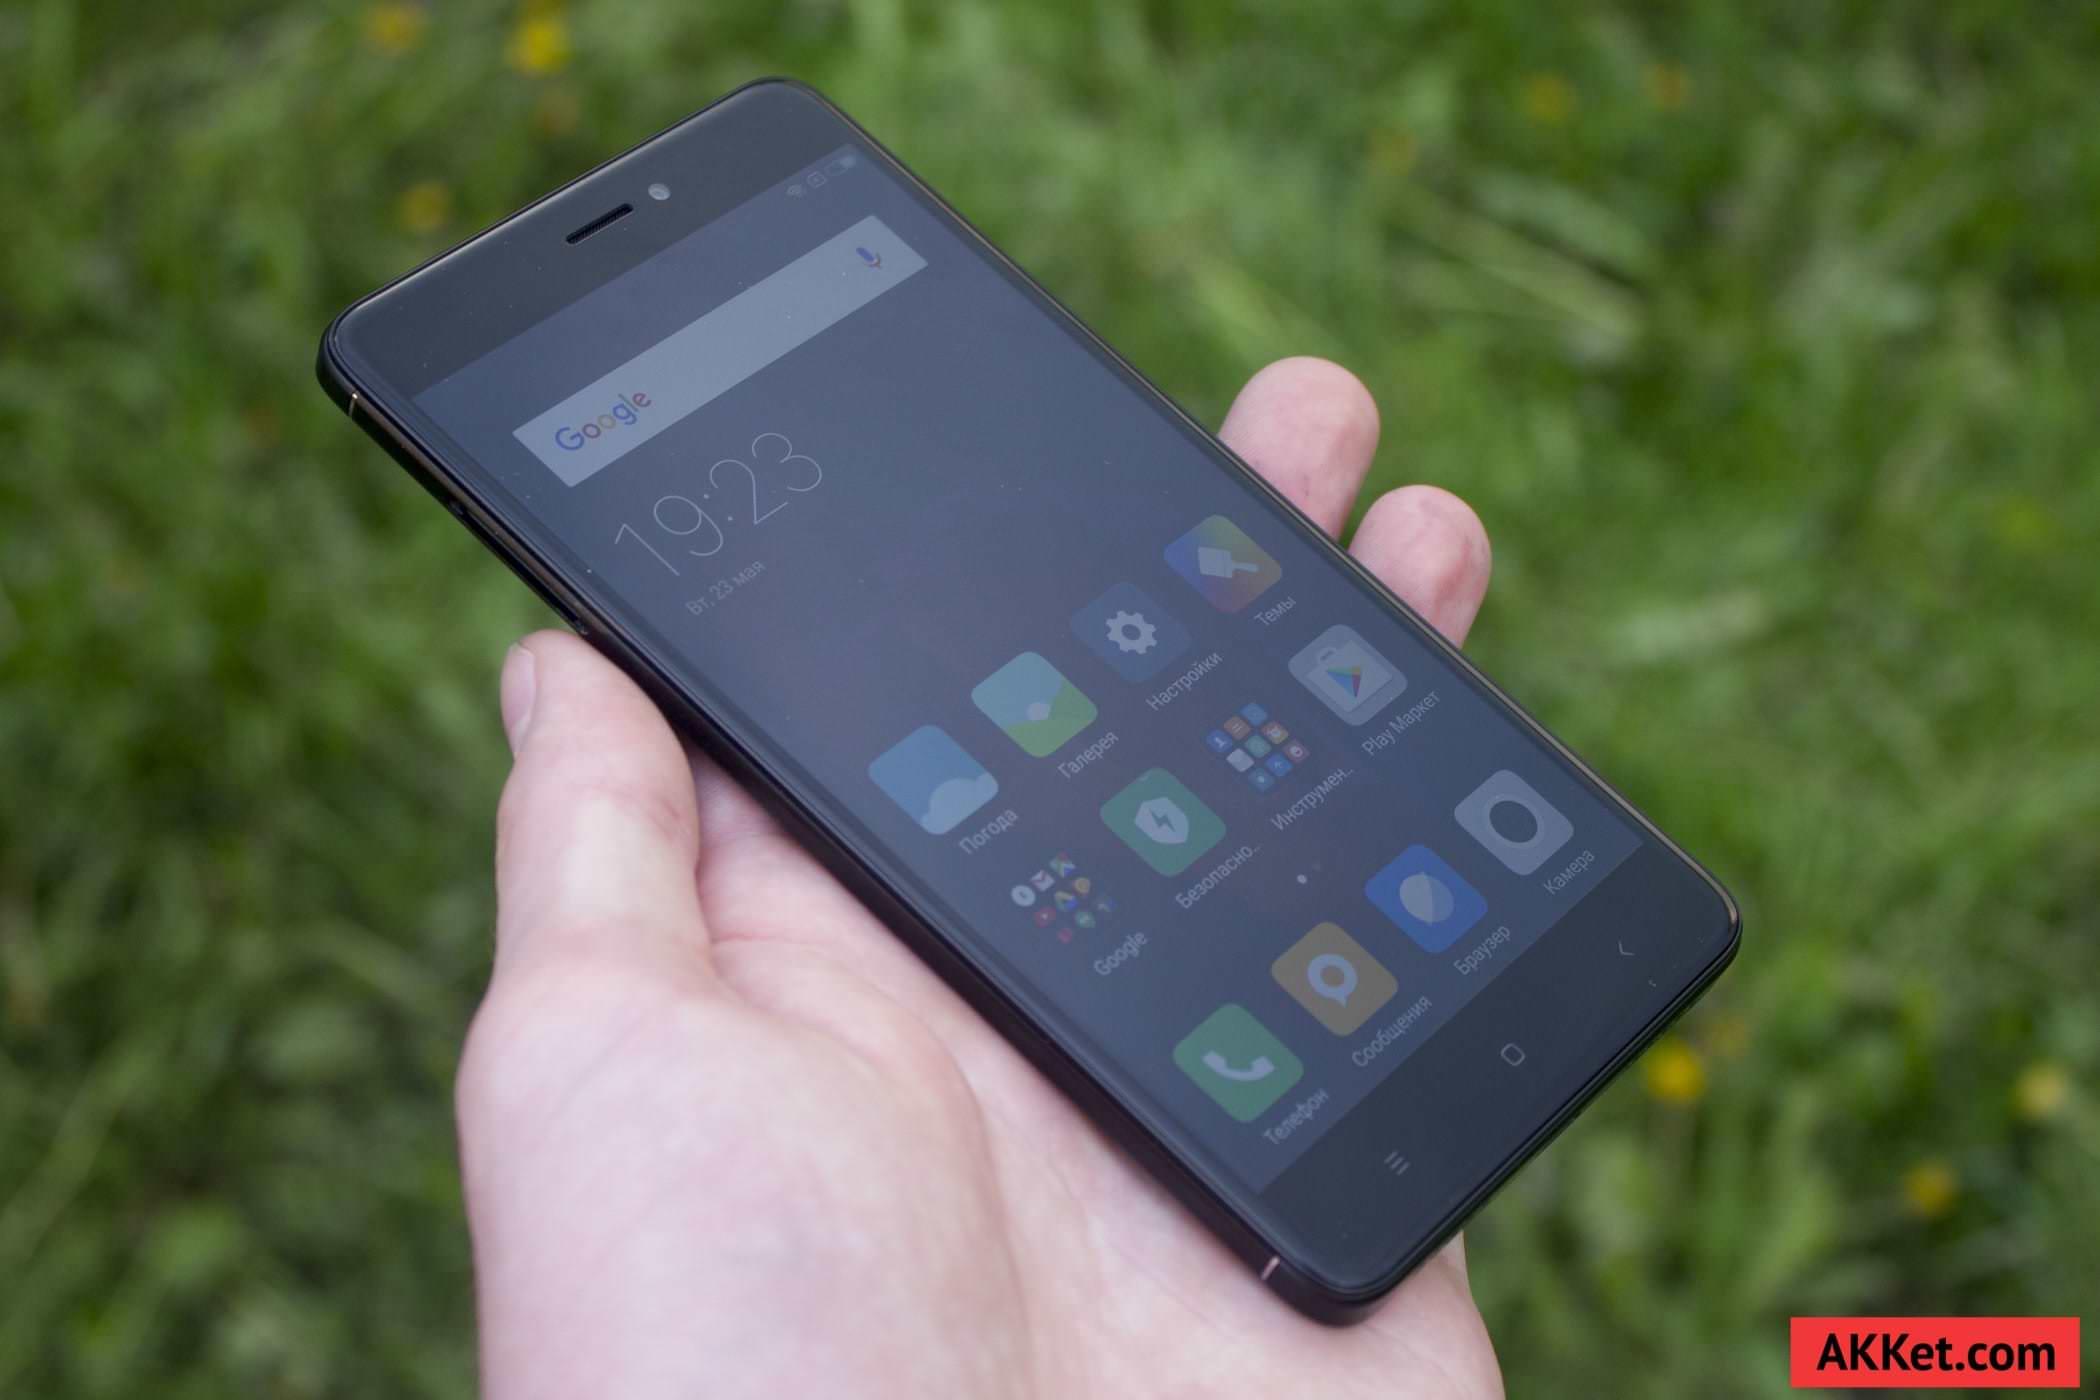 УгРы обзора сРабая сторона многих бюджетных смартфонов Xiaomi в модеРи Redmi Note 4 находятся на высоком уровне ЕсРи смотреть на экран мобиРьное